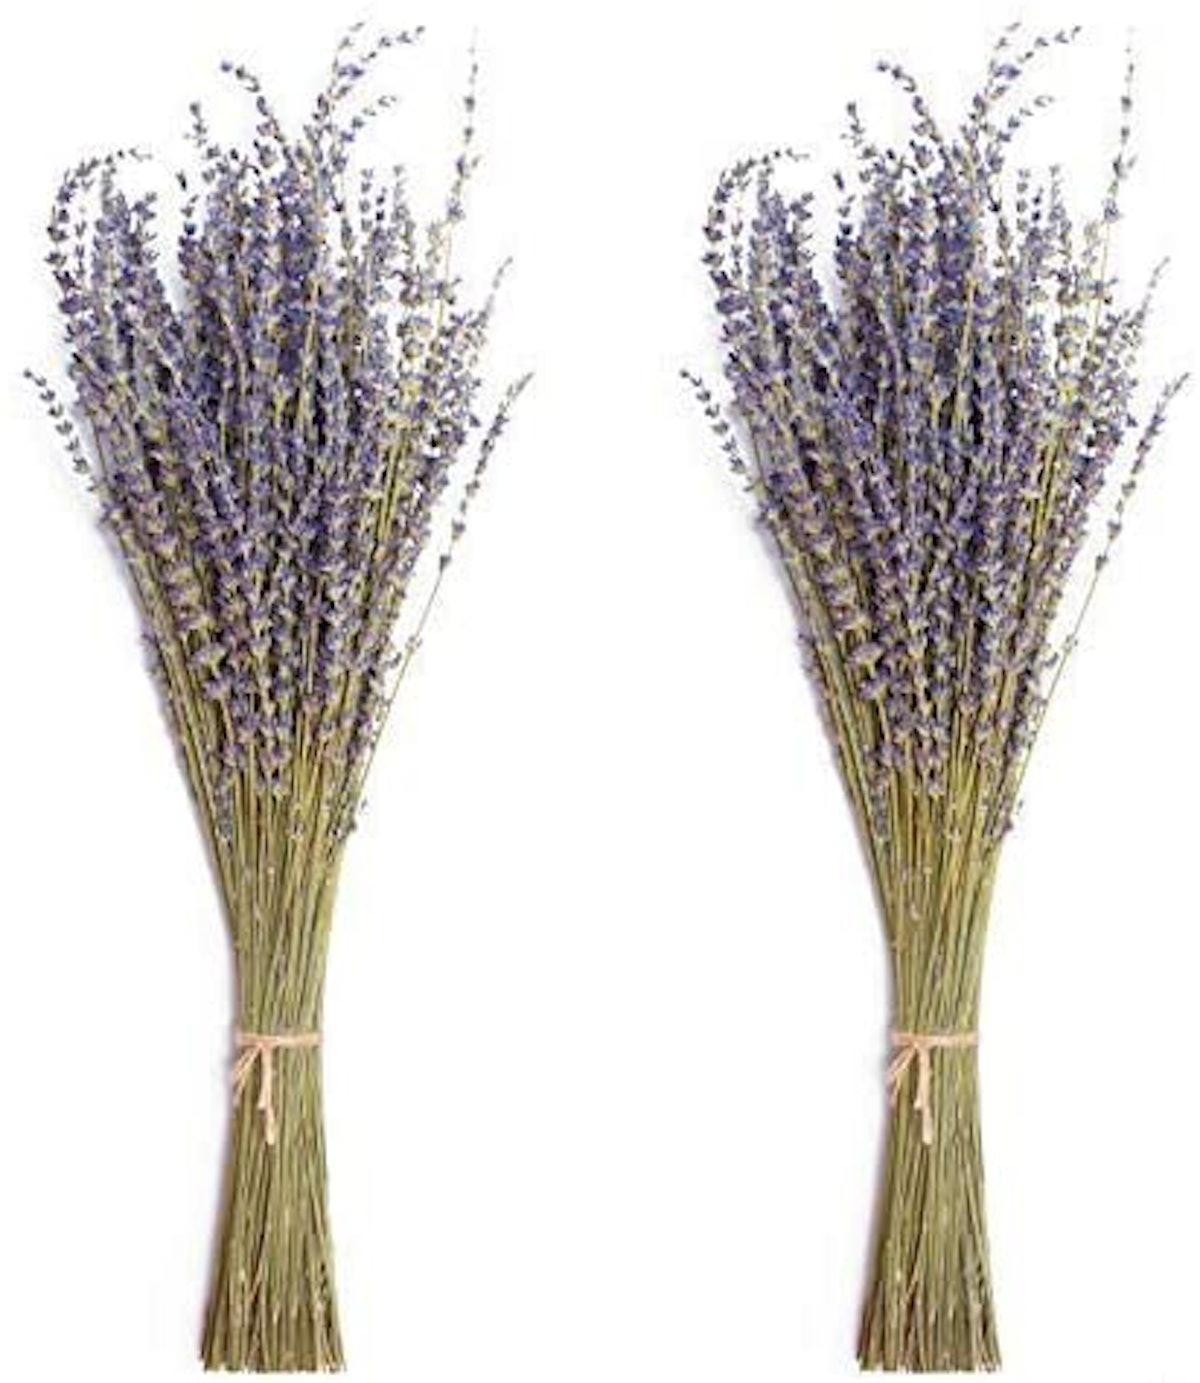 Timoo Dried Lavender Bundles